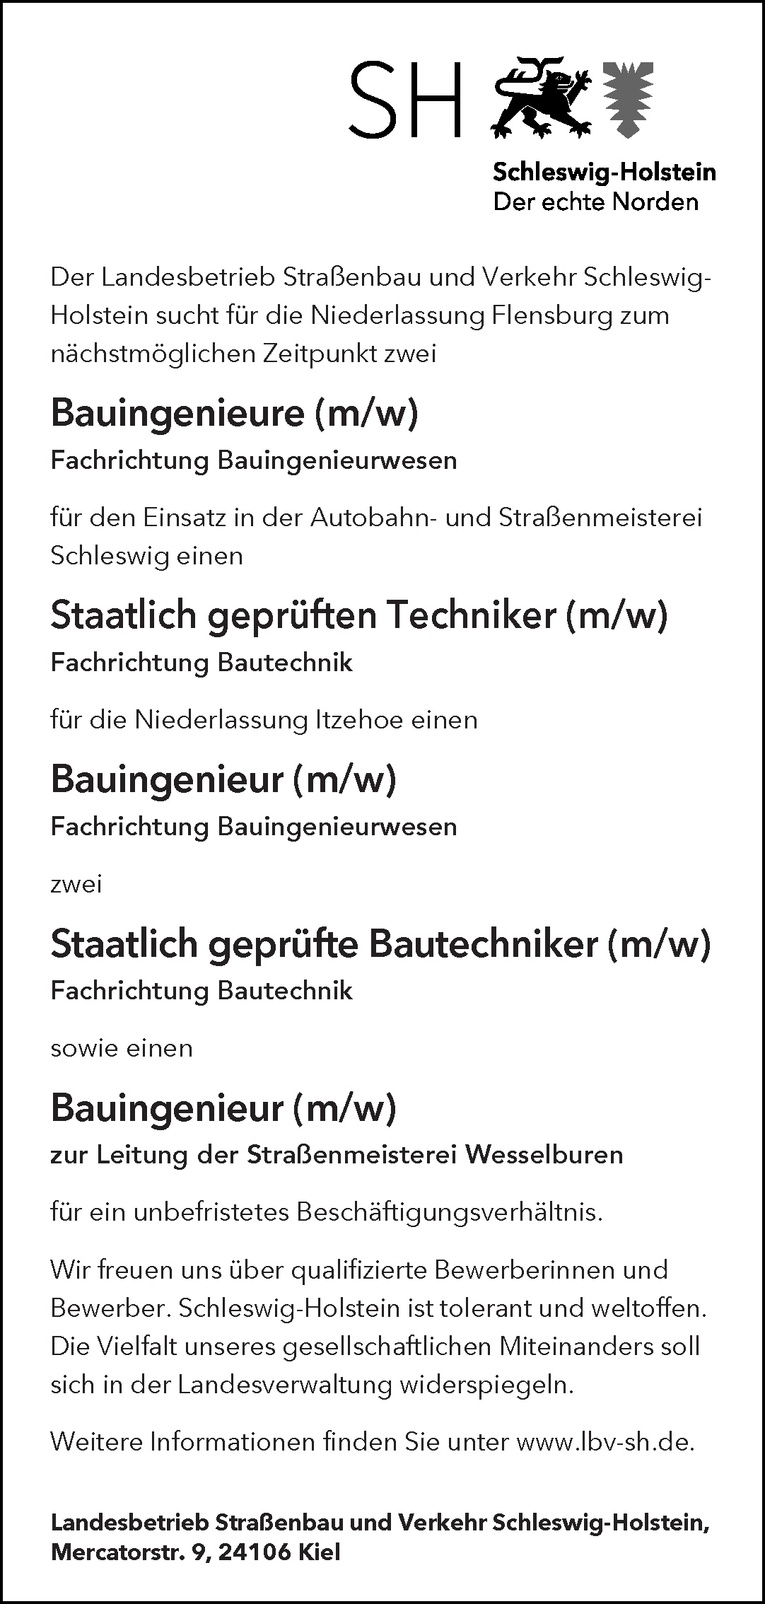 Bauingenieur (m/w) zur Leitung der Straßenmeisterei Wesselburen